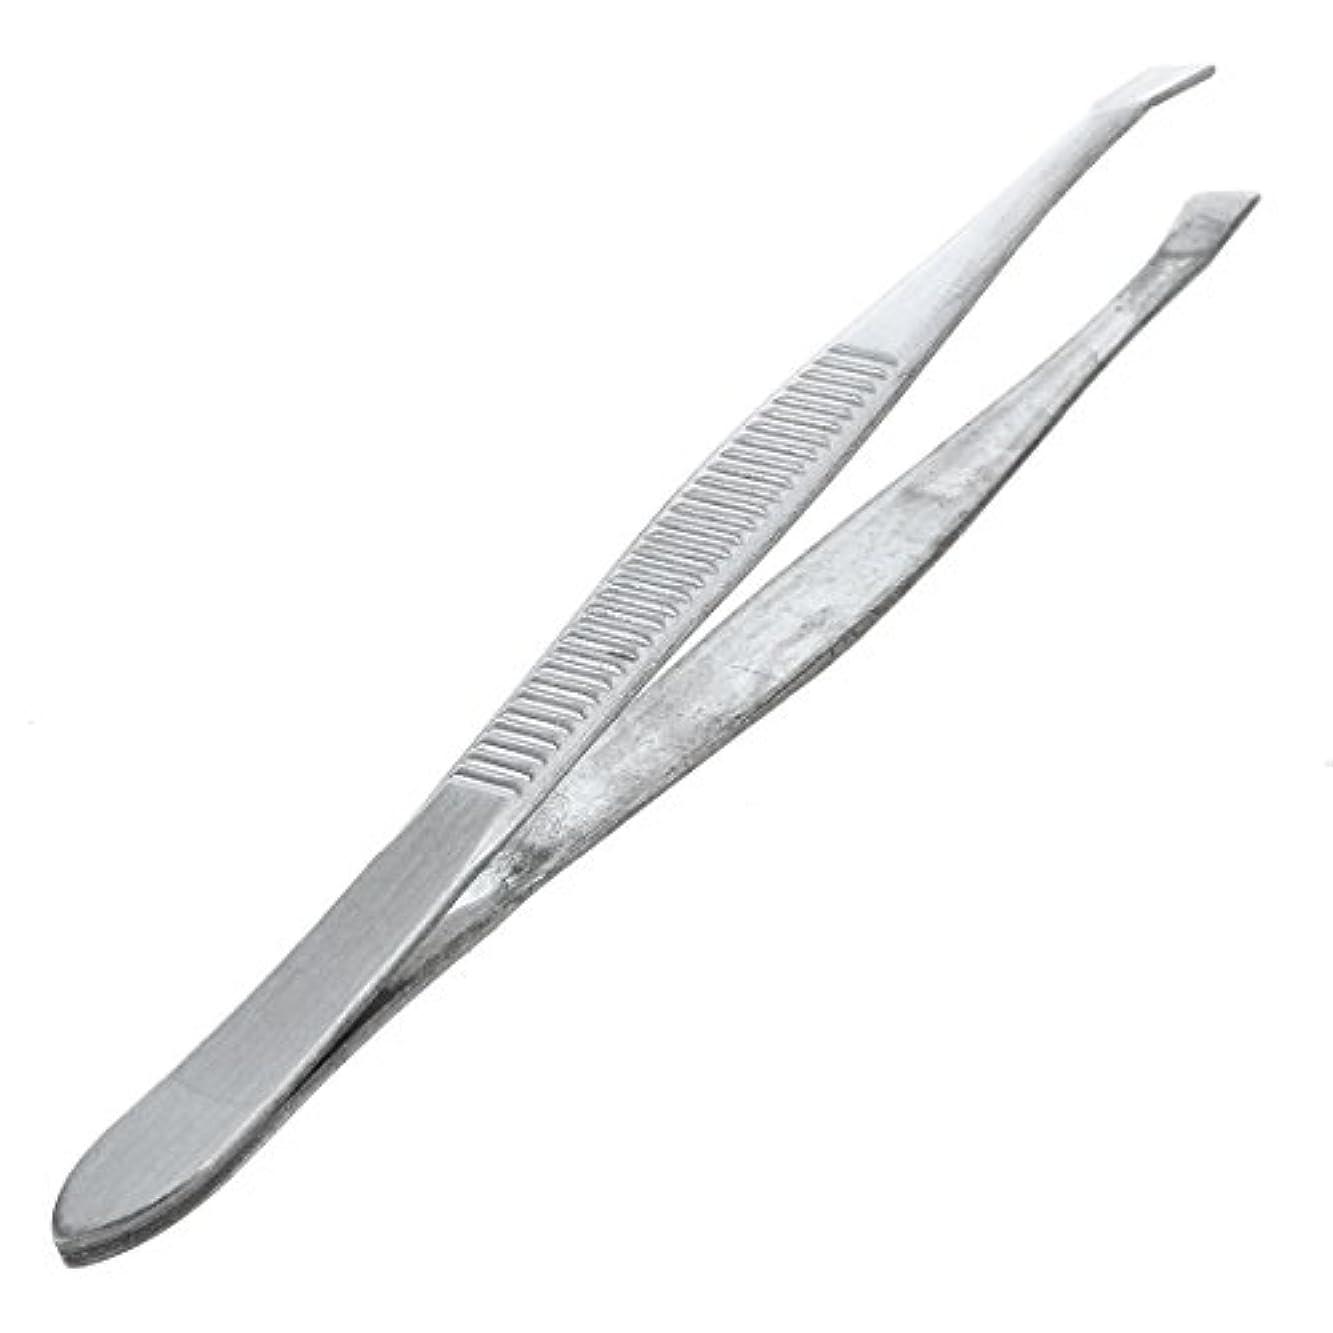 クーポン哲学的ベジタリアンSNOWINSPRING 眉毛ピンセット 脱毛チップ 炭素鋼 傾斜 9cm シルバーカラー